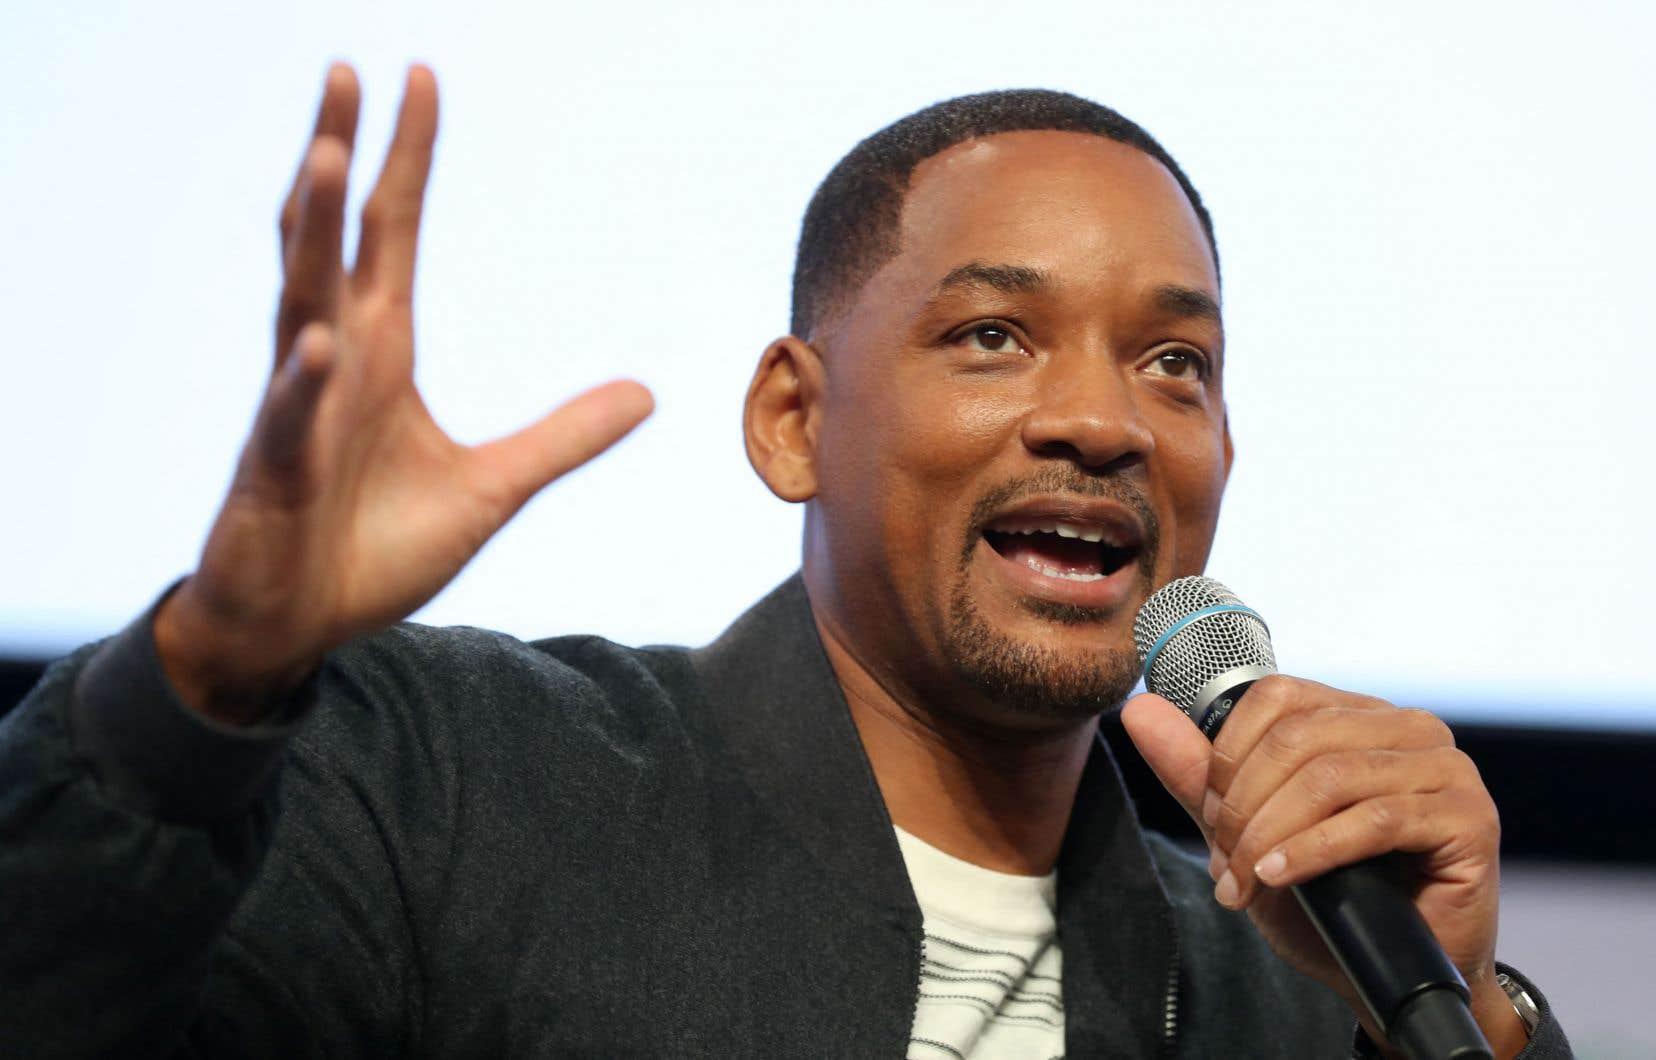 Jusqu'à la décision de Will Smith et Antoine Fuqua, les appels au boycottage n'avaient pas trouvé beaucoup d'écho à Hollywood.